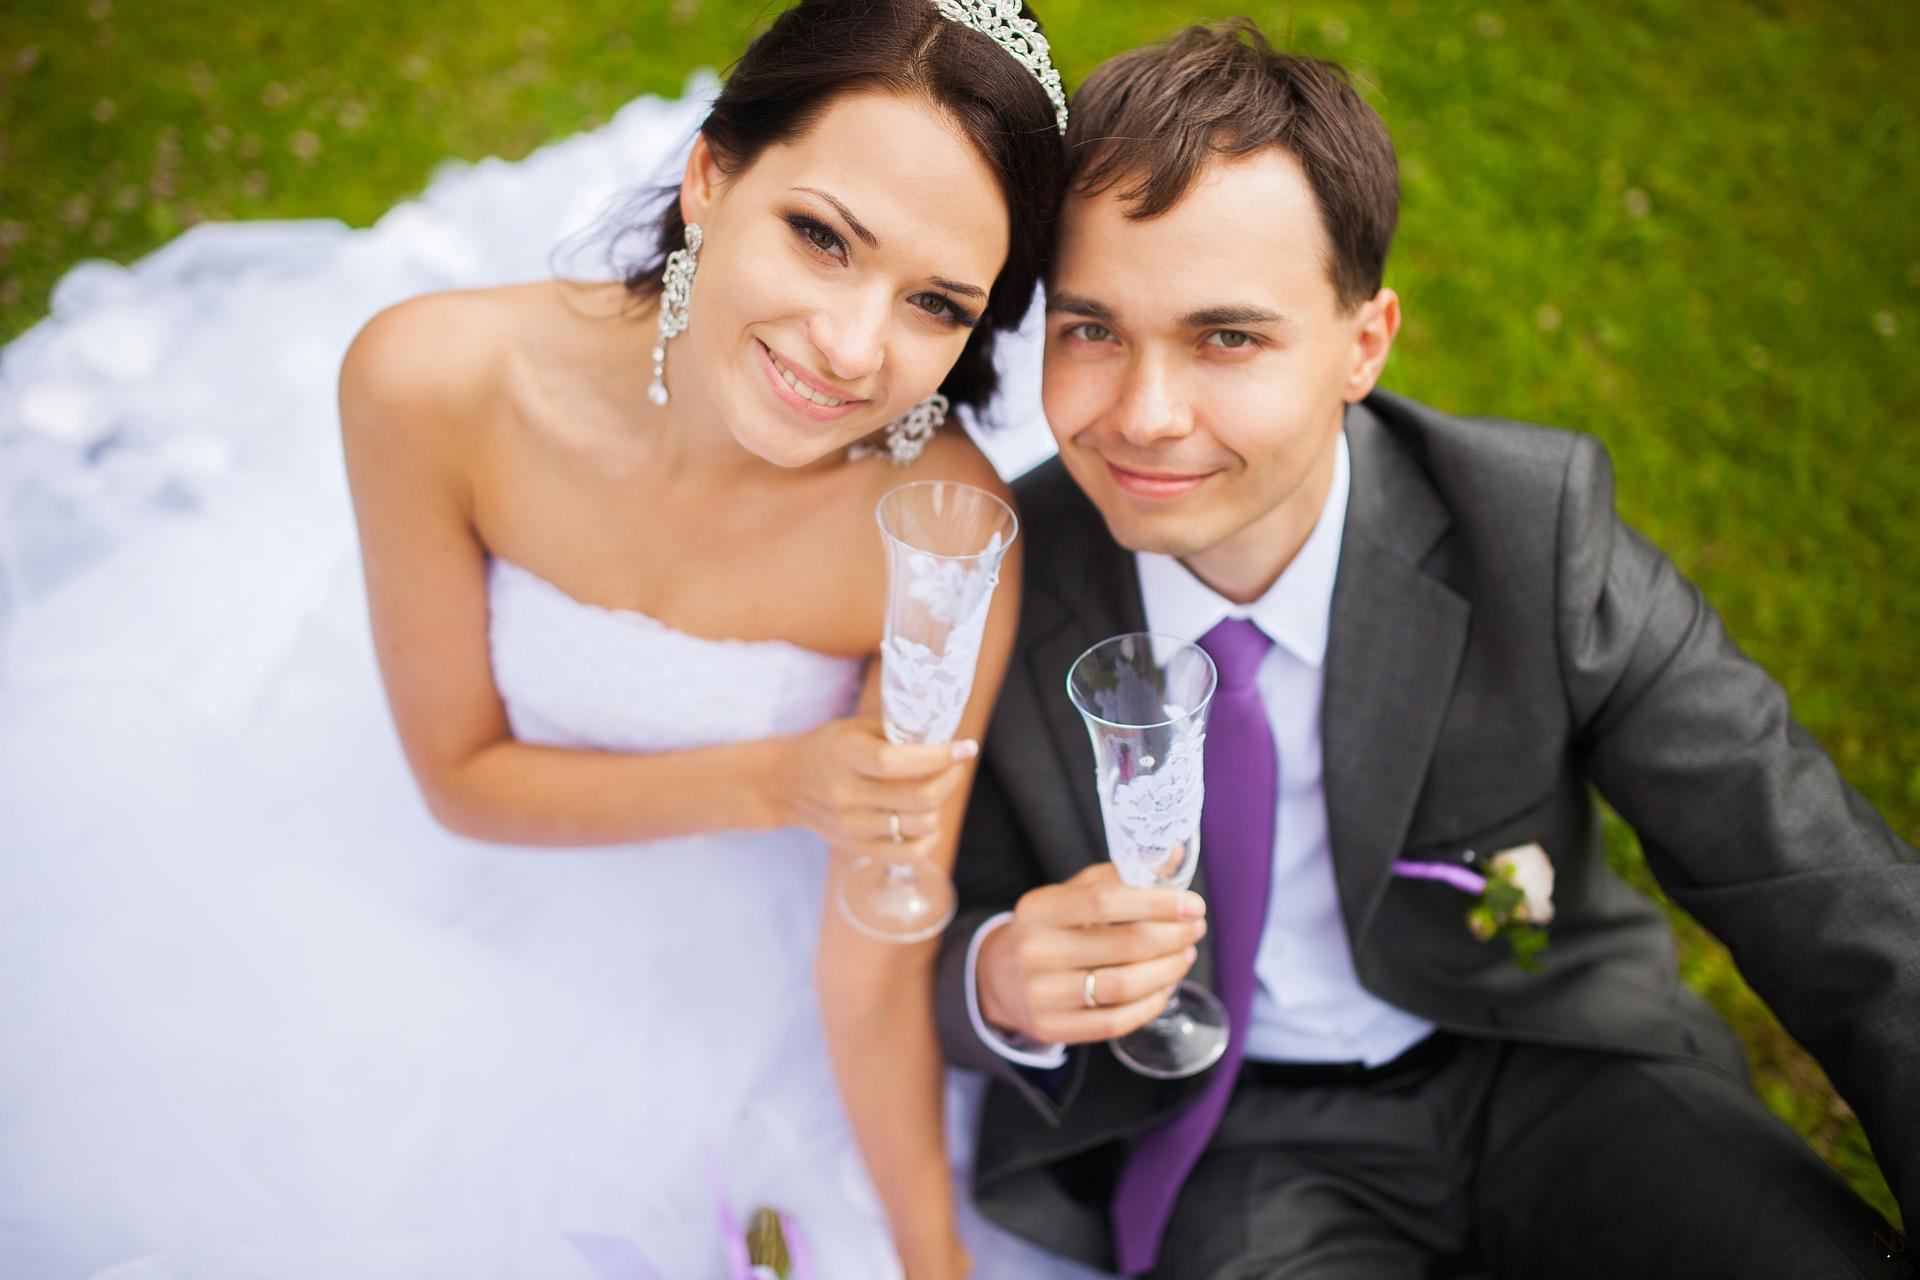 Венчание в церкви говорит семейным парам о крепости их союза, соединённого не только земными, но и духовными узами.